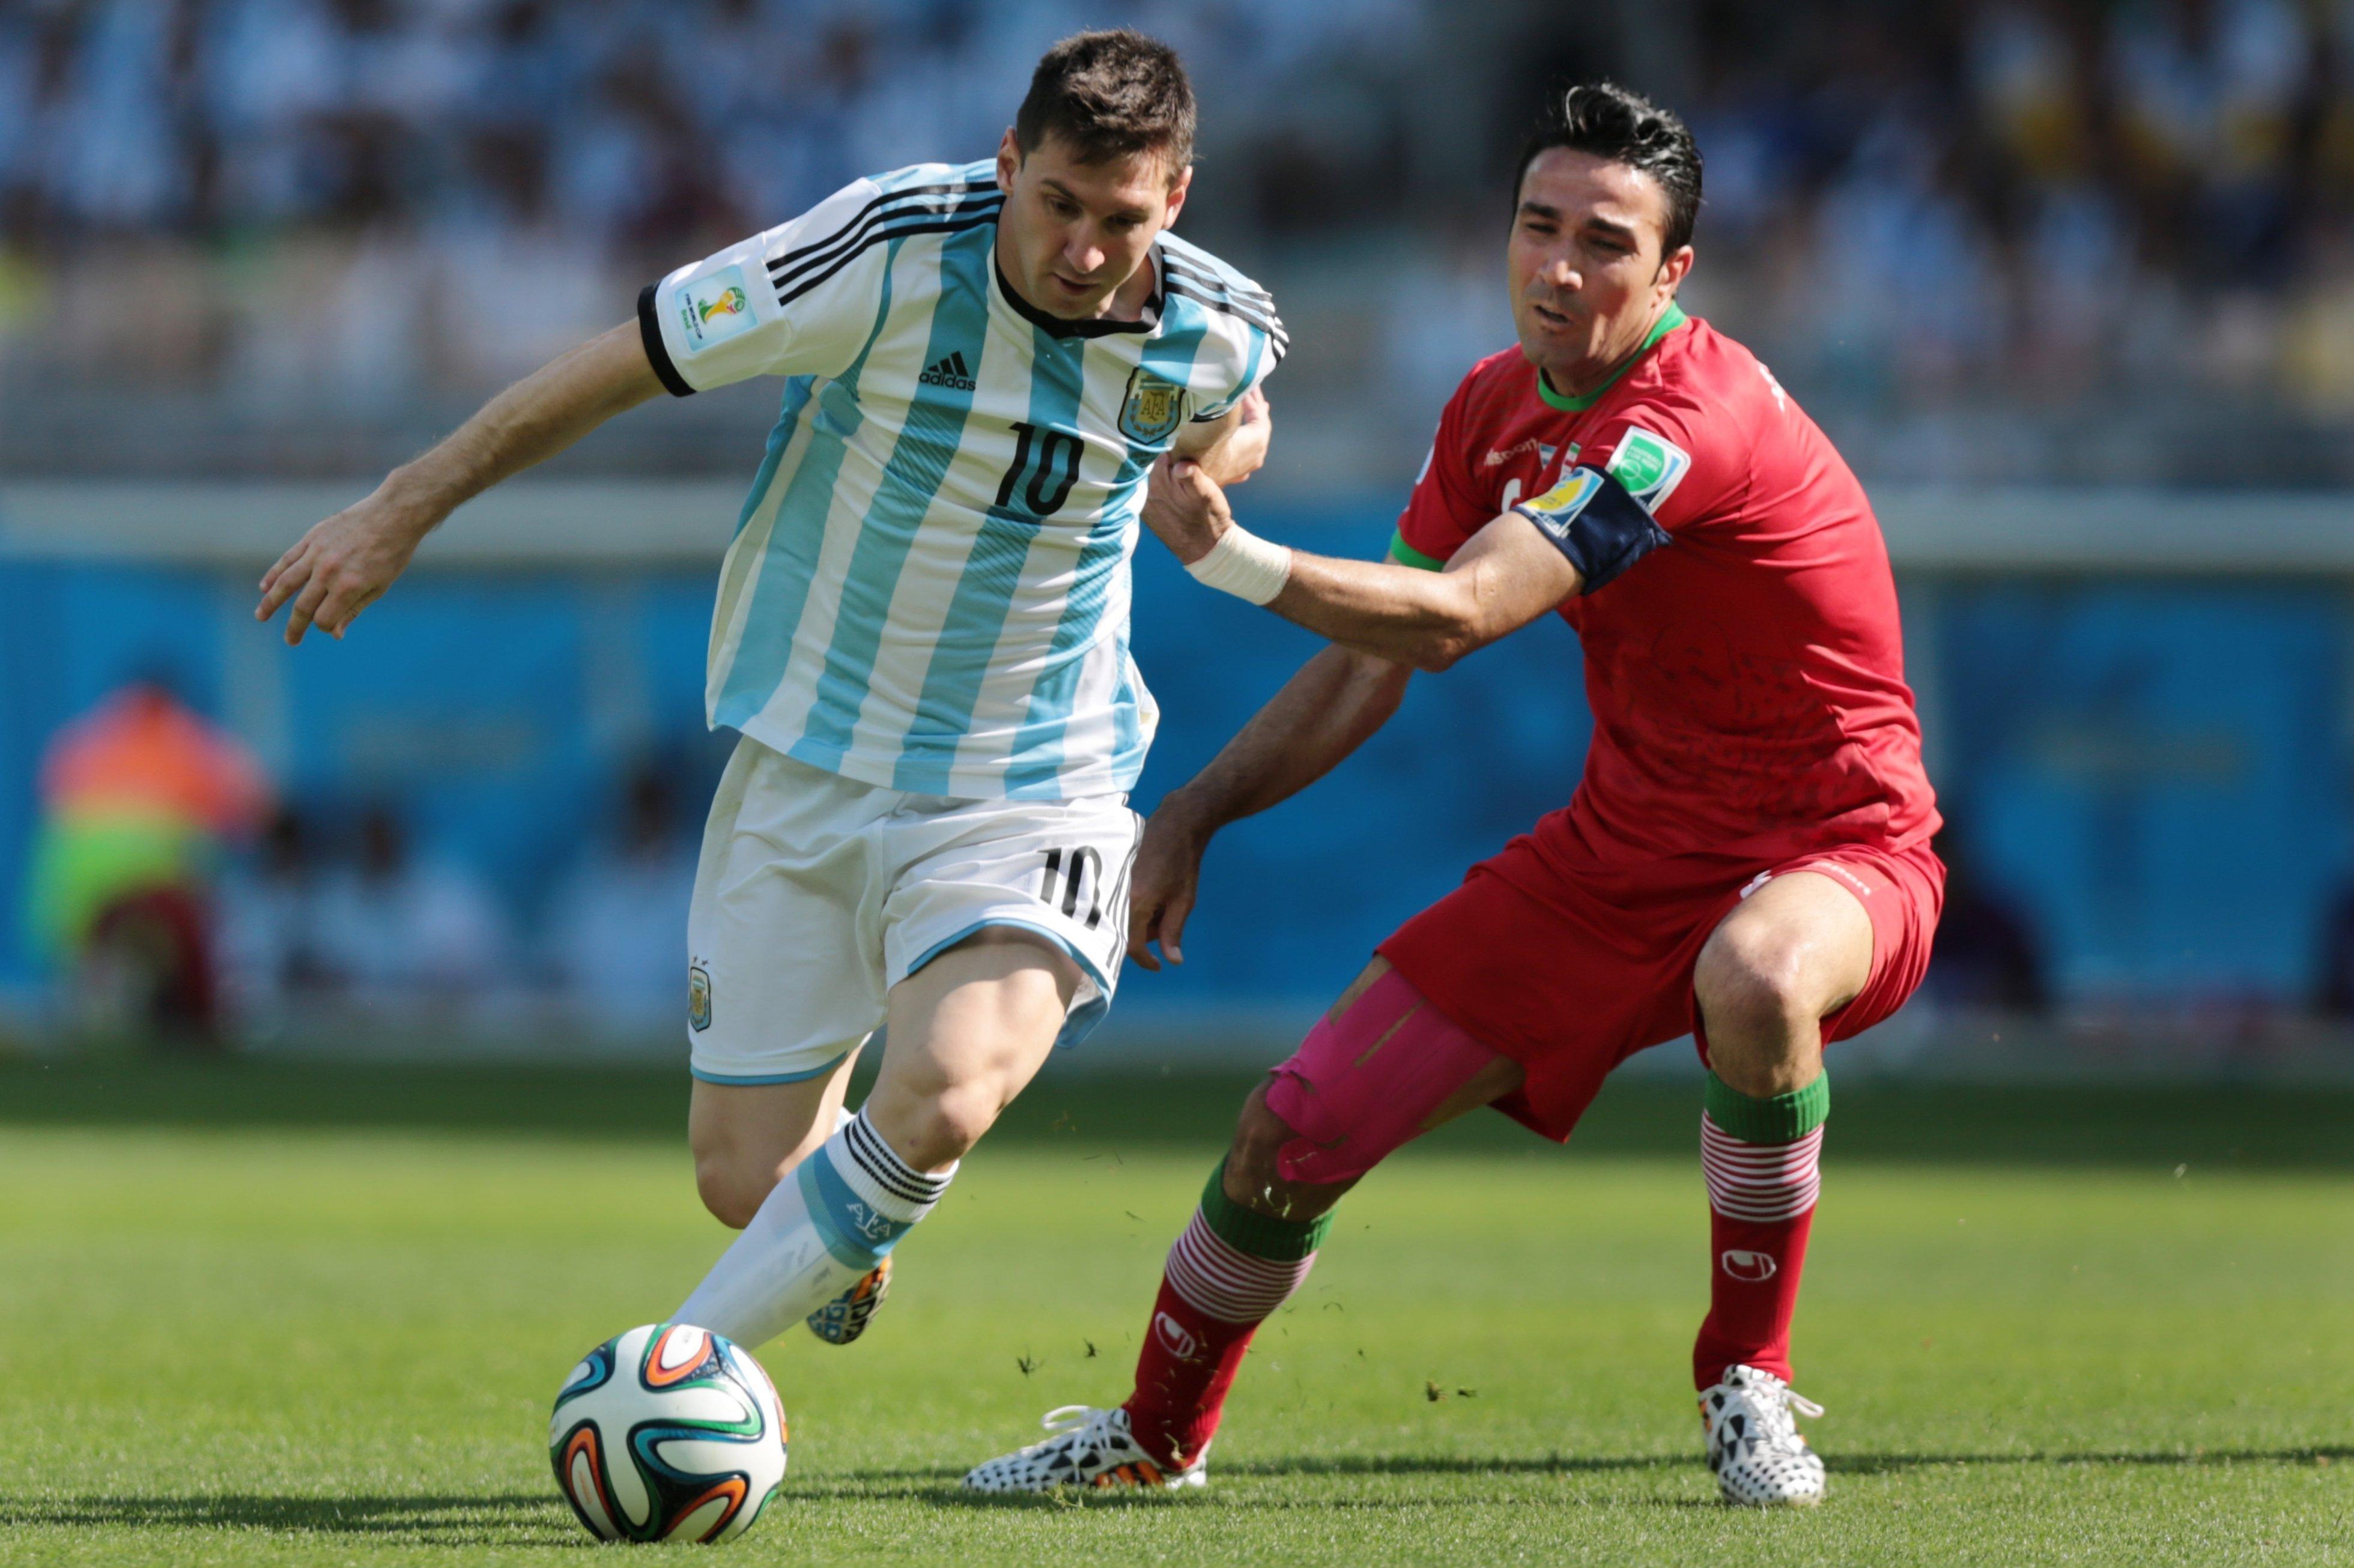 На чемпионате мира 2014 года в Бразилии сборная Ирана дала бой сборной Аргентины – решающий  и единственный гол в игре уже в добавленное время забил Лионель Месси.